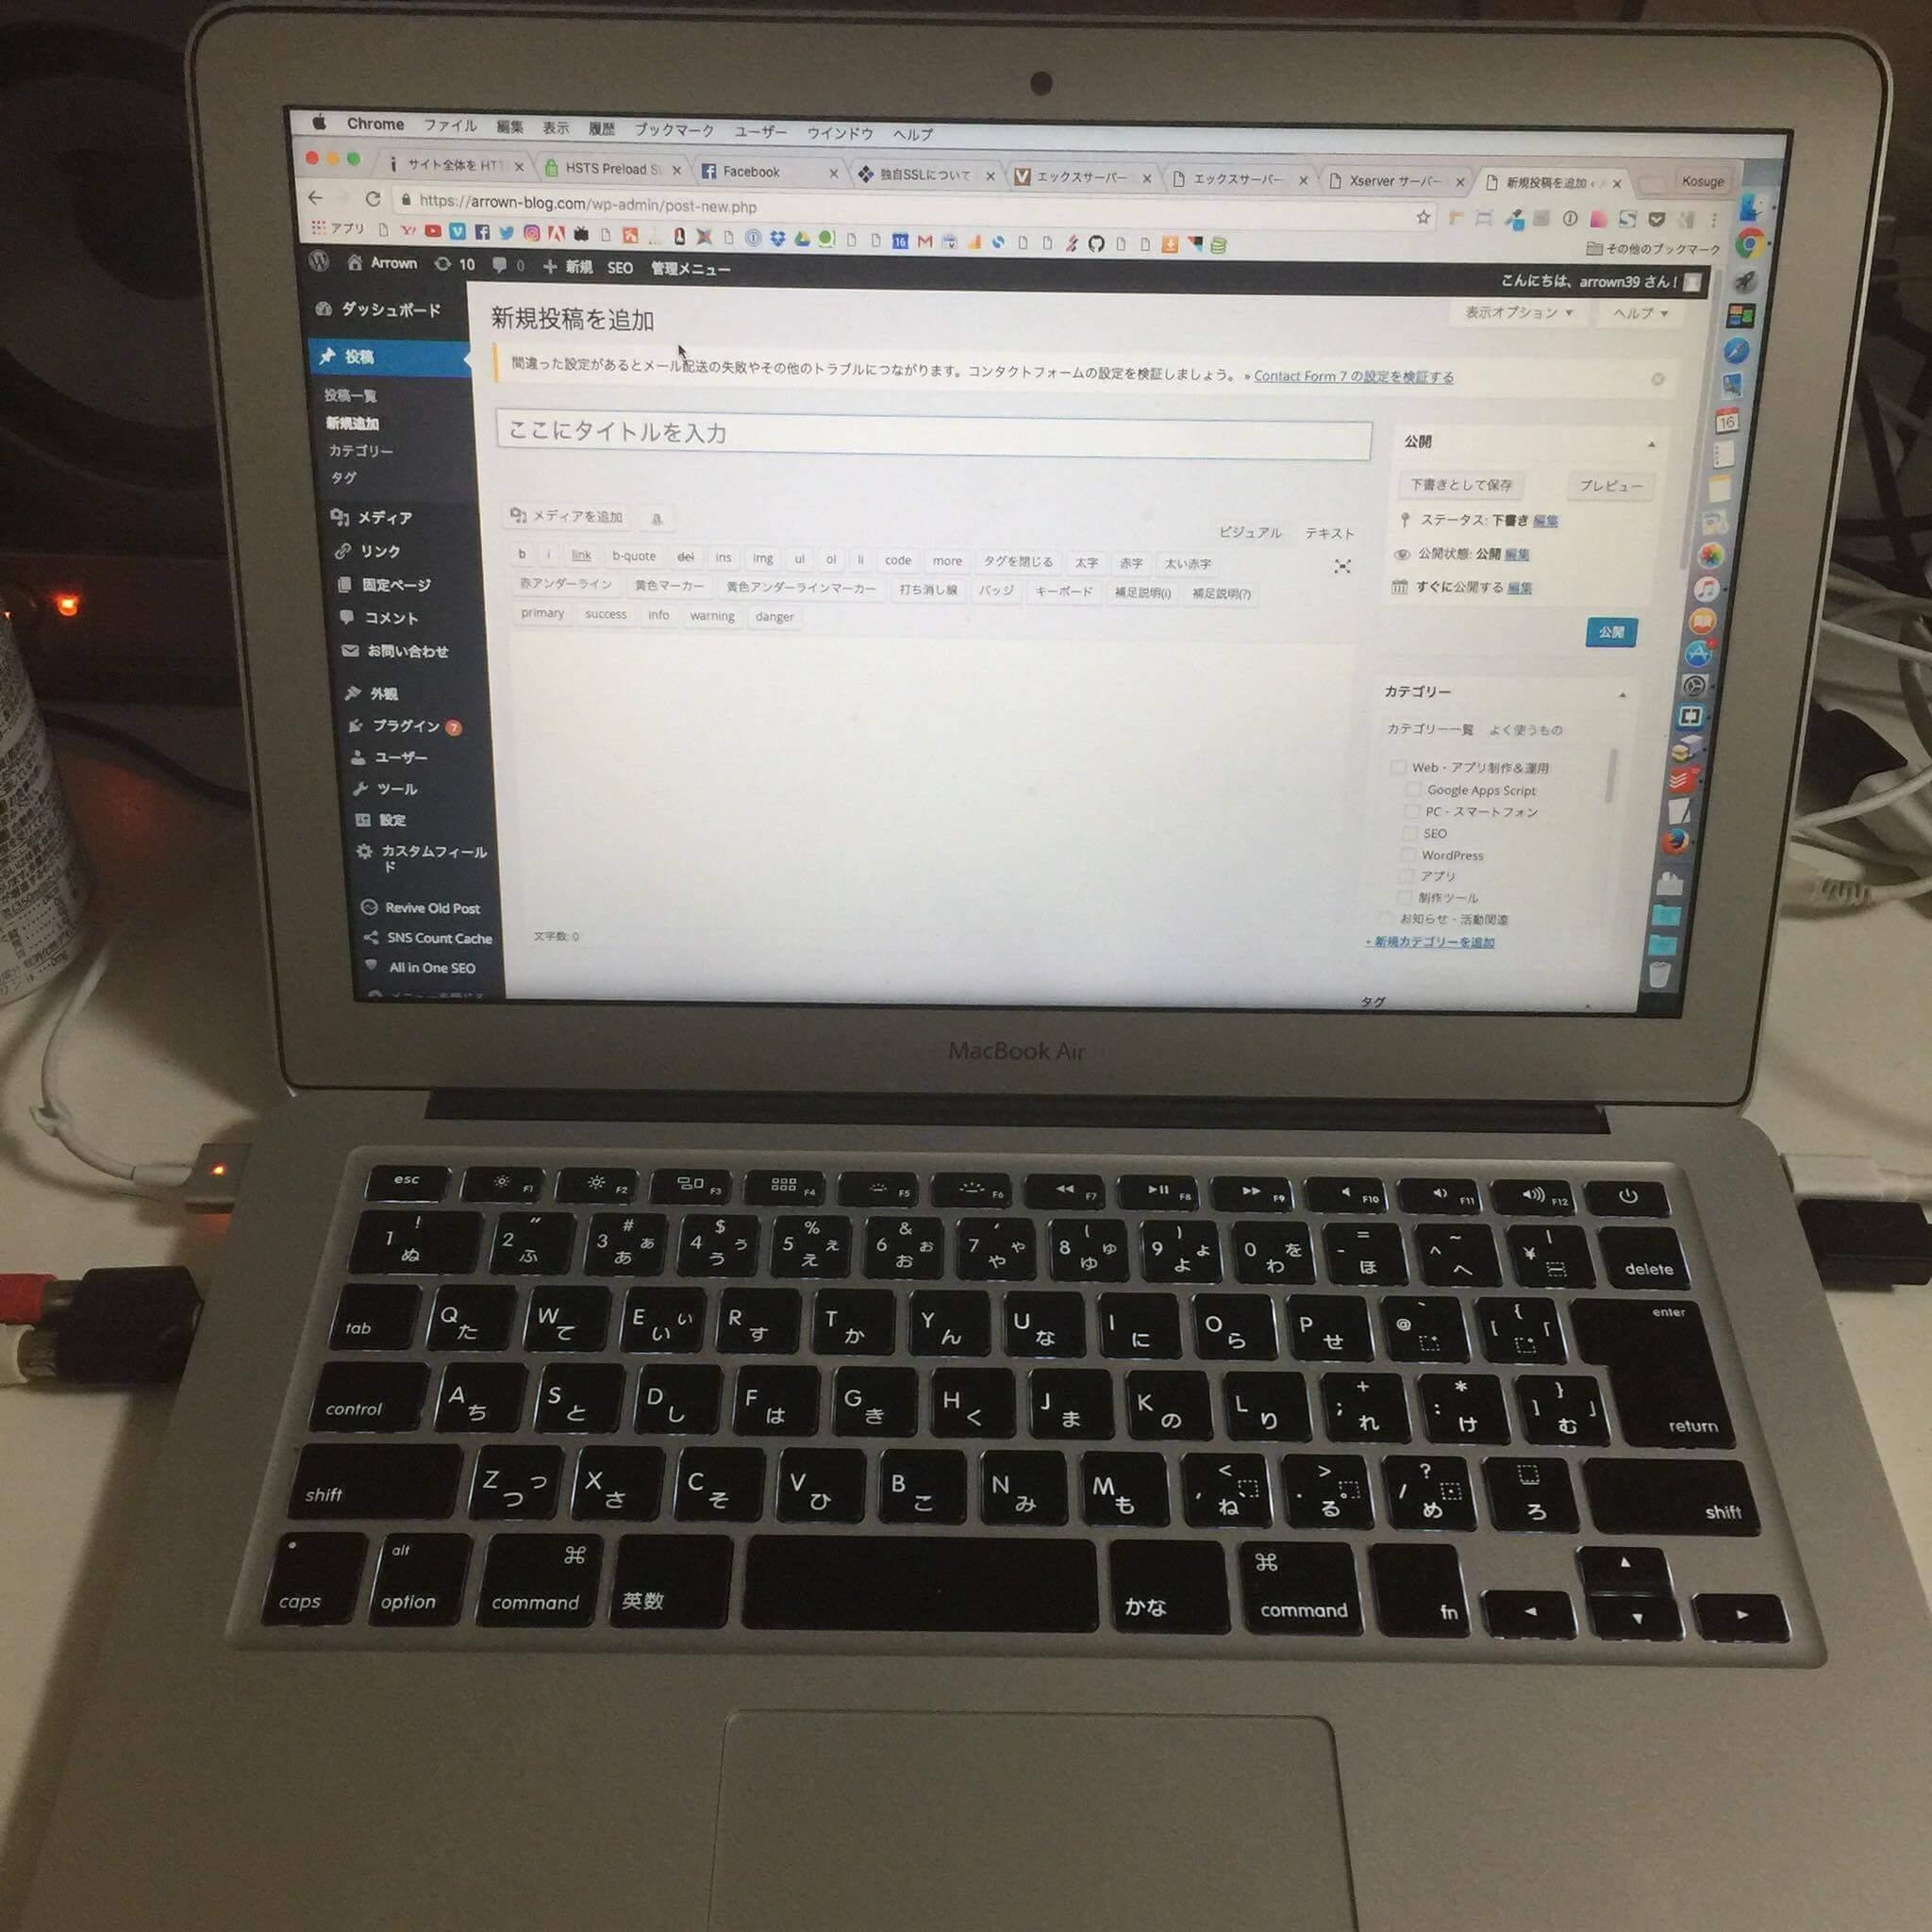 MacBook Airを使用する様子